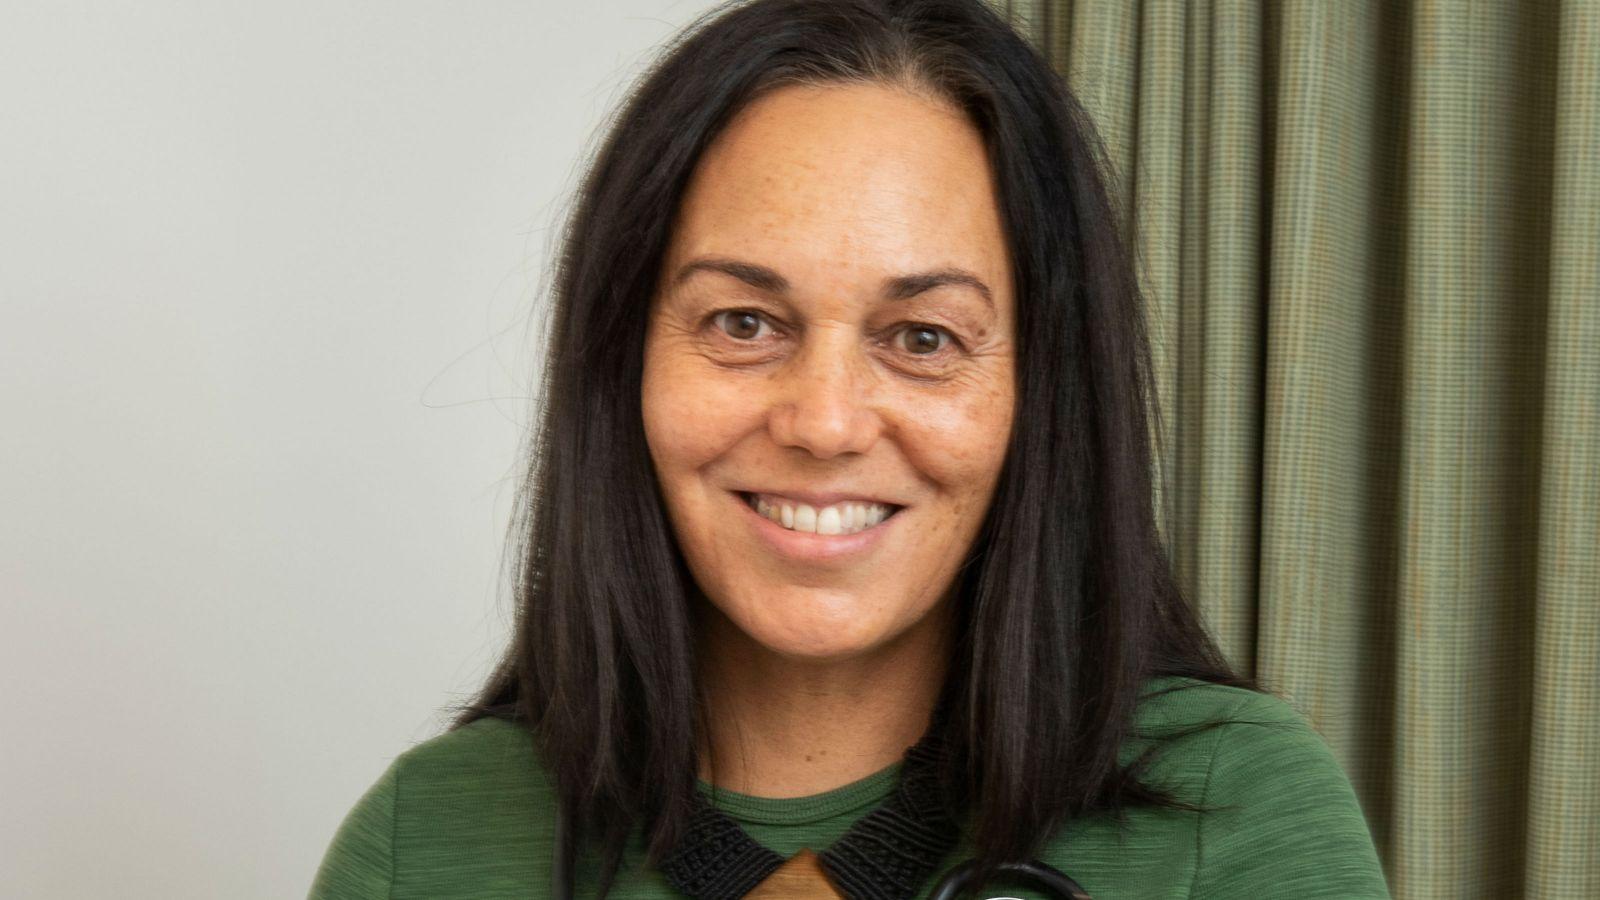 A portrait of Leeanne Orban